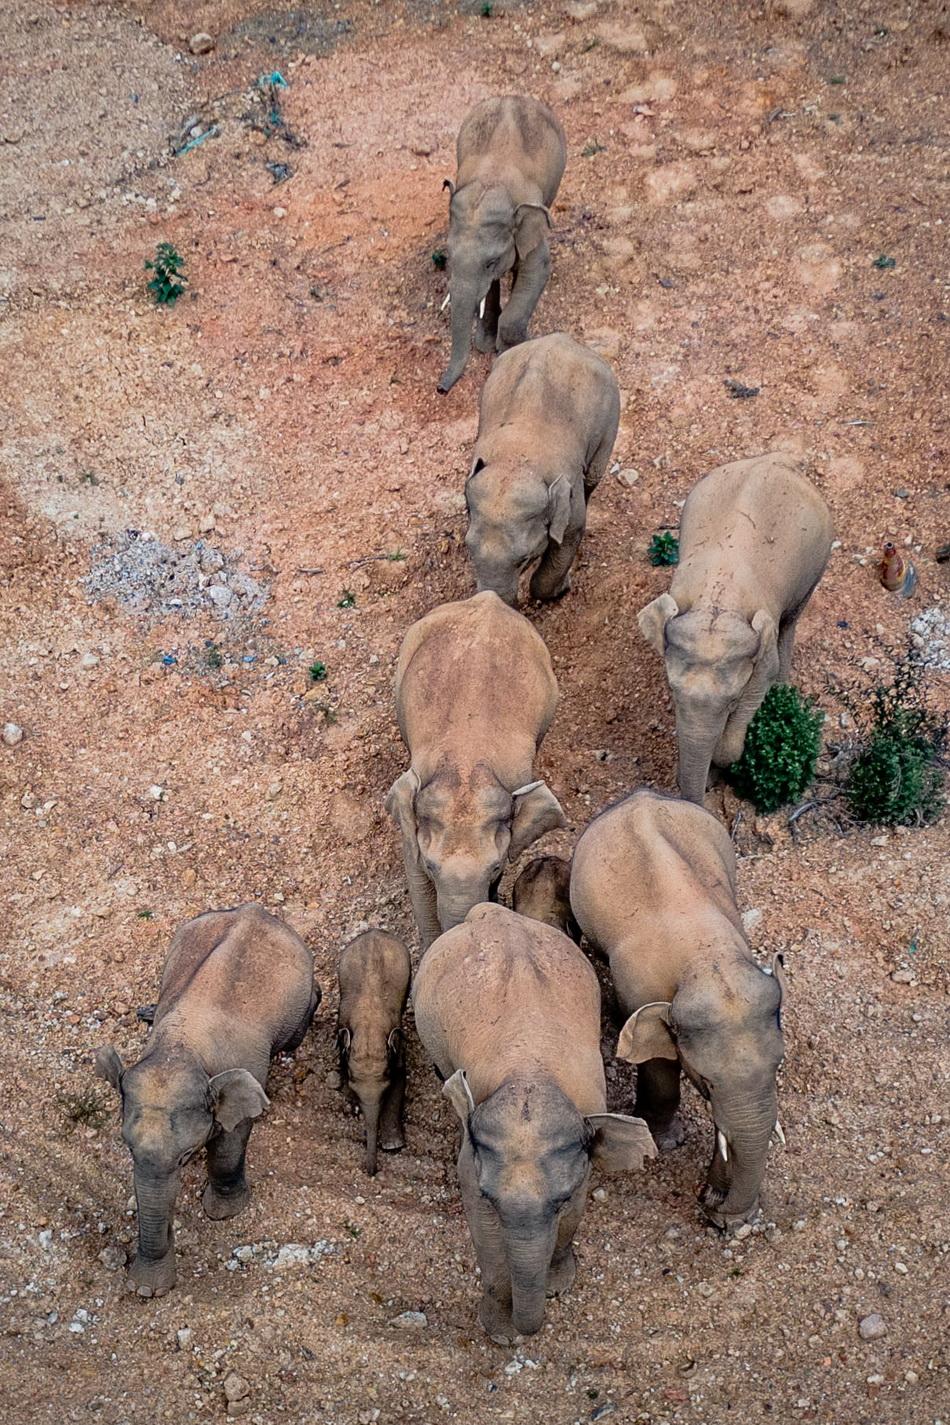 5月28日在云南省玉溪市峨山县境内拍摄的象群(无人机照片)。监测显示,该象群由成年雌象6头、雄象3头、亚成体象3头、幼象3头组成。新华社 图